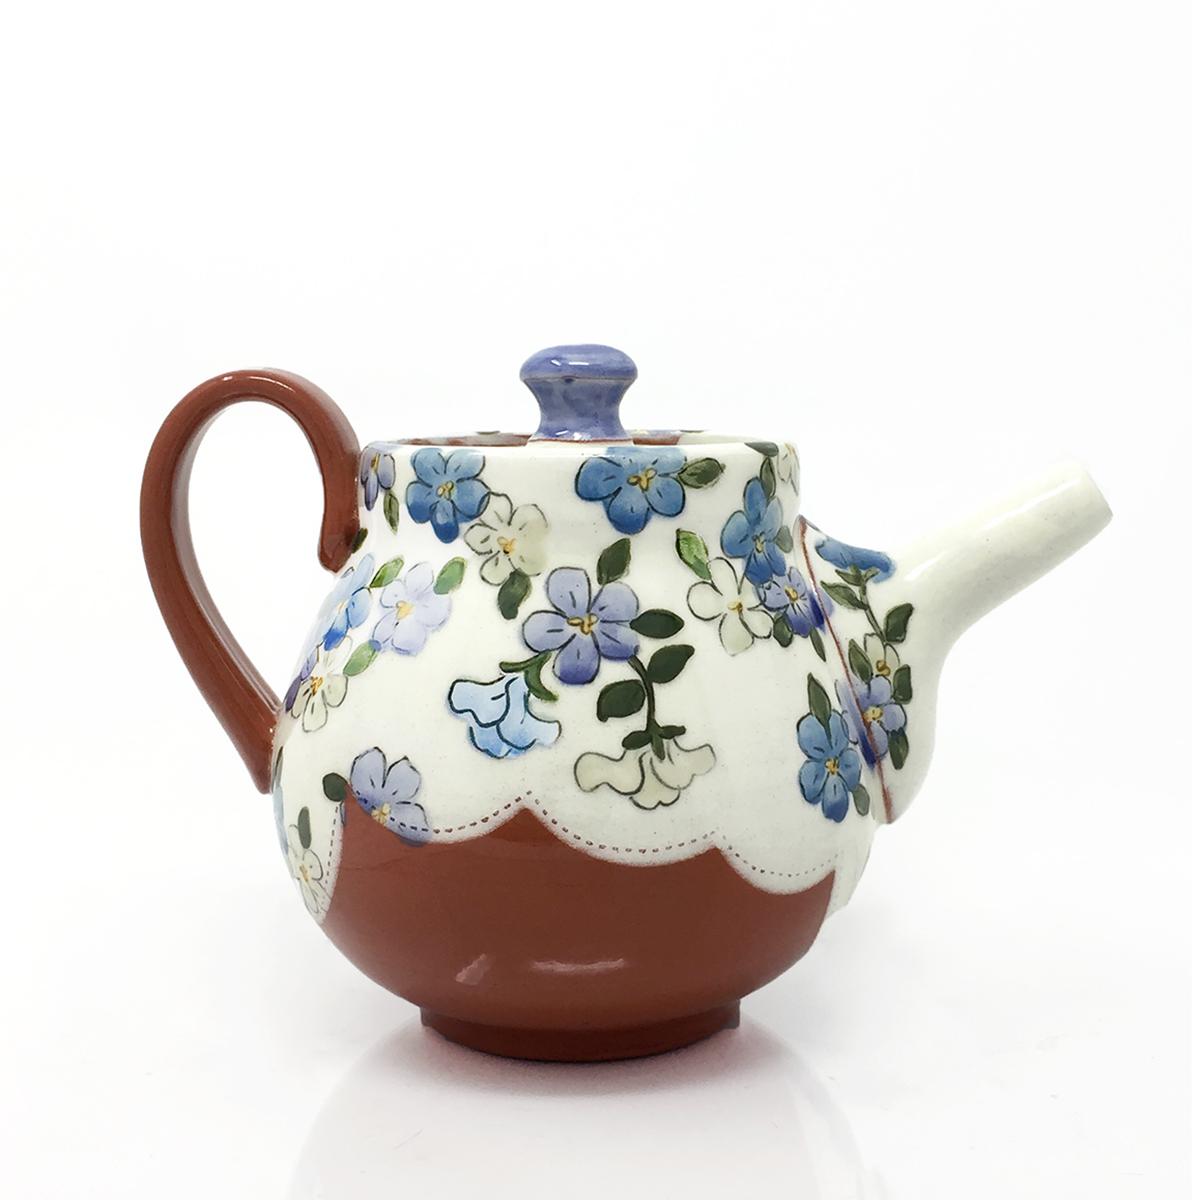 SHOW_Teapot_96.jpg